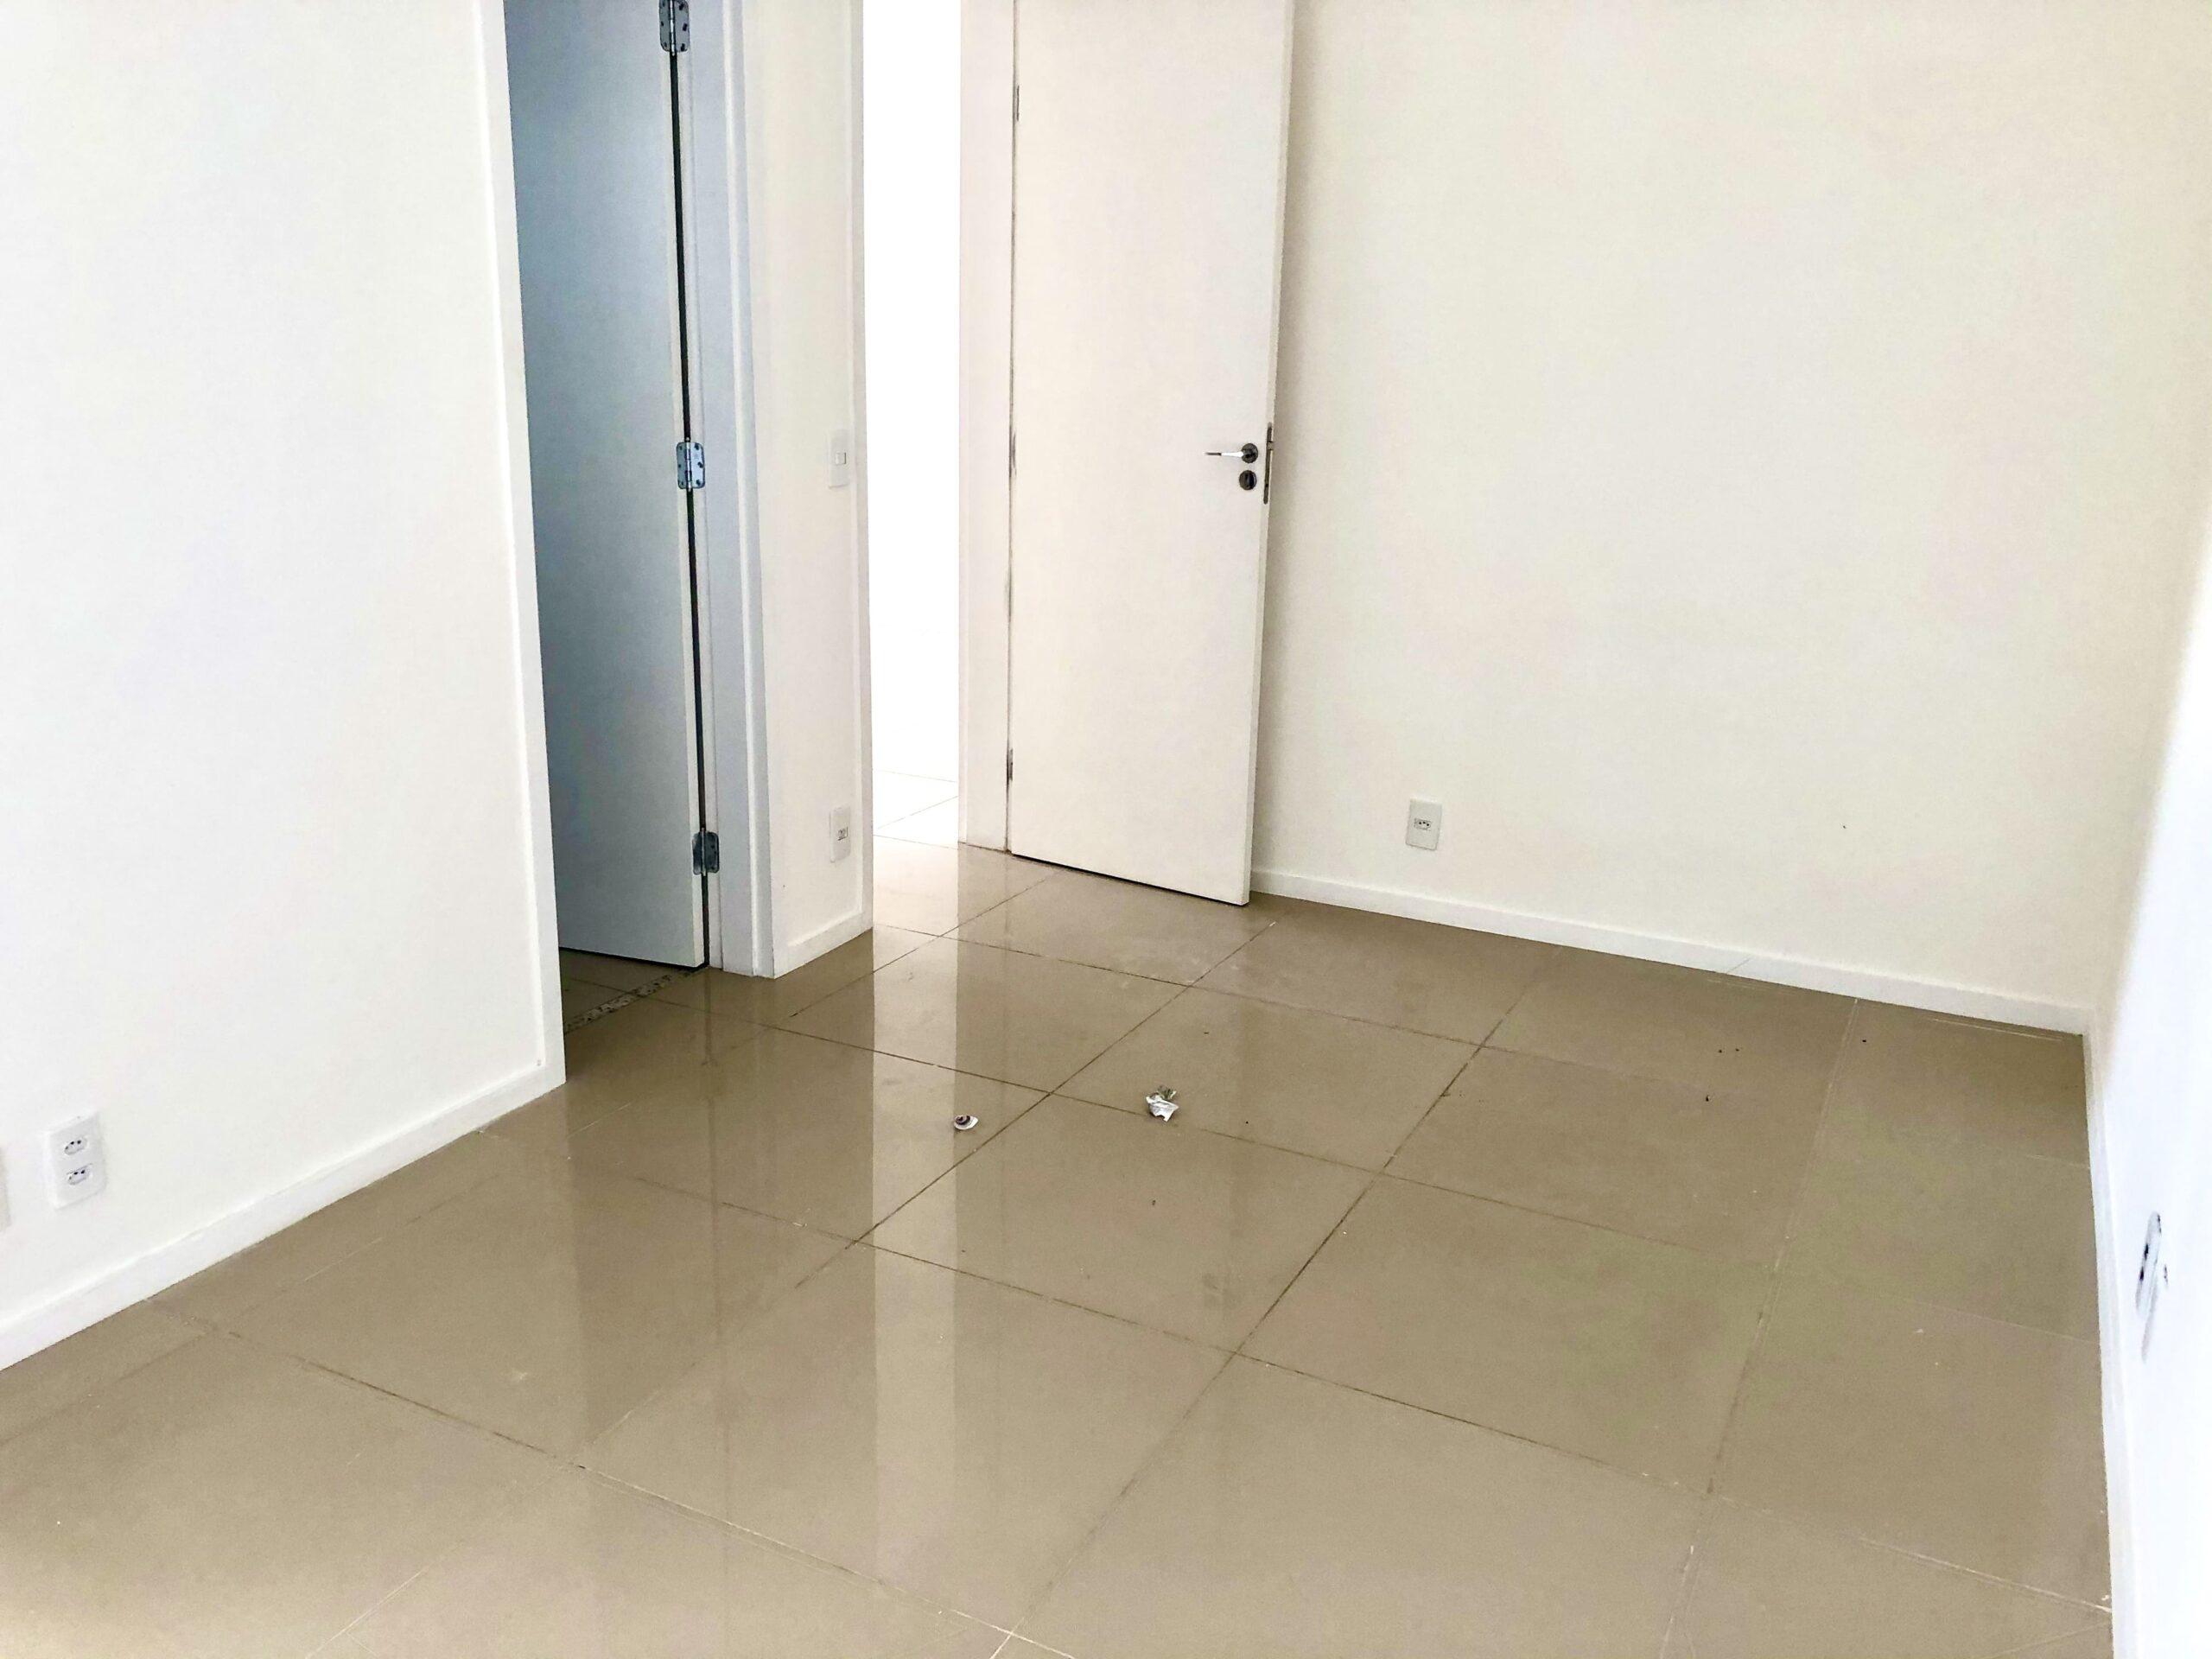 11 Apartamento para venda no Edifício Recanto das Palmeiras Teresina,3 Quartos, sendo 1 suíte, banheiro social, 1 vaga, piso em porcelanato